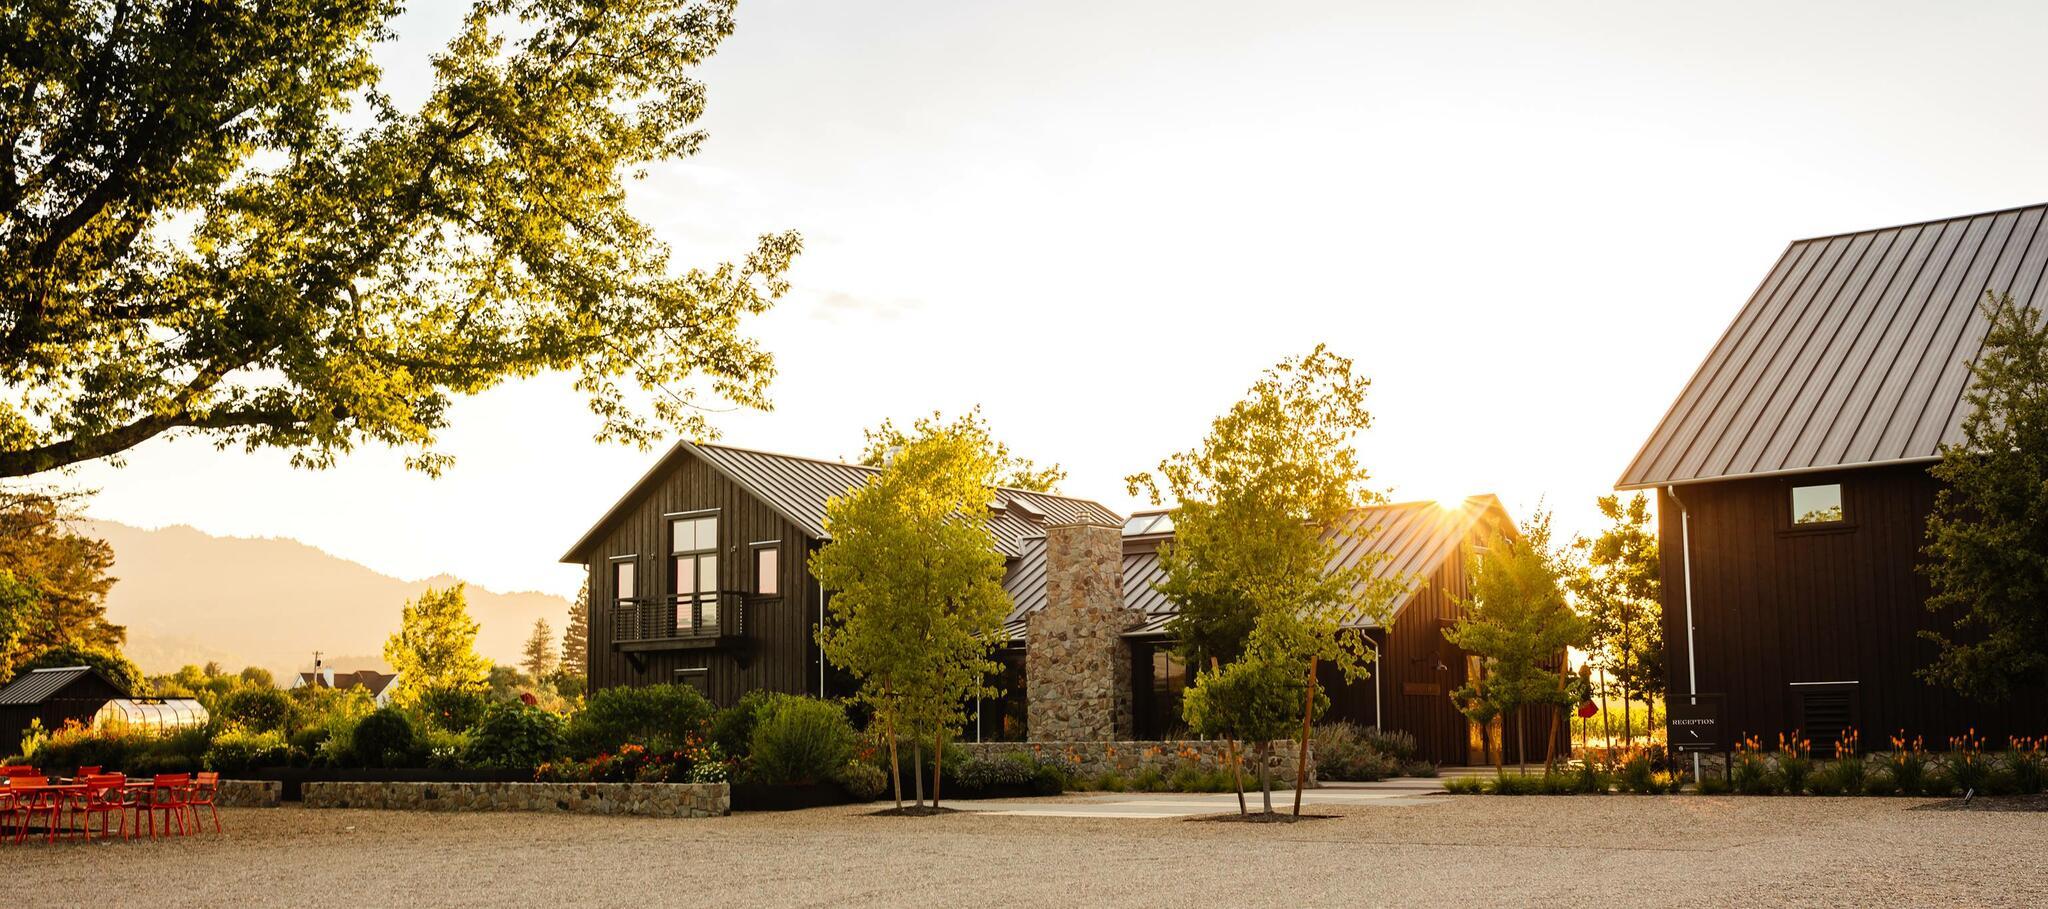 Wheeler Farms Cover Image